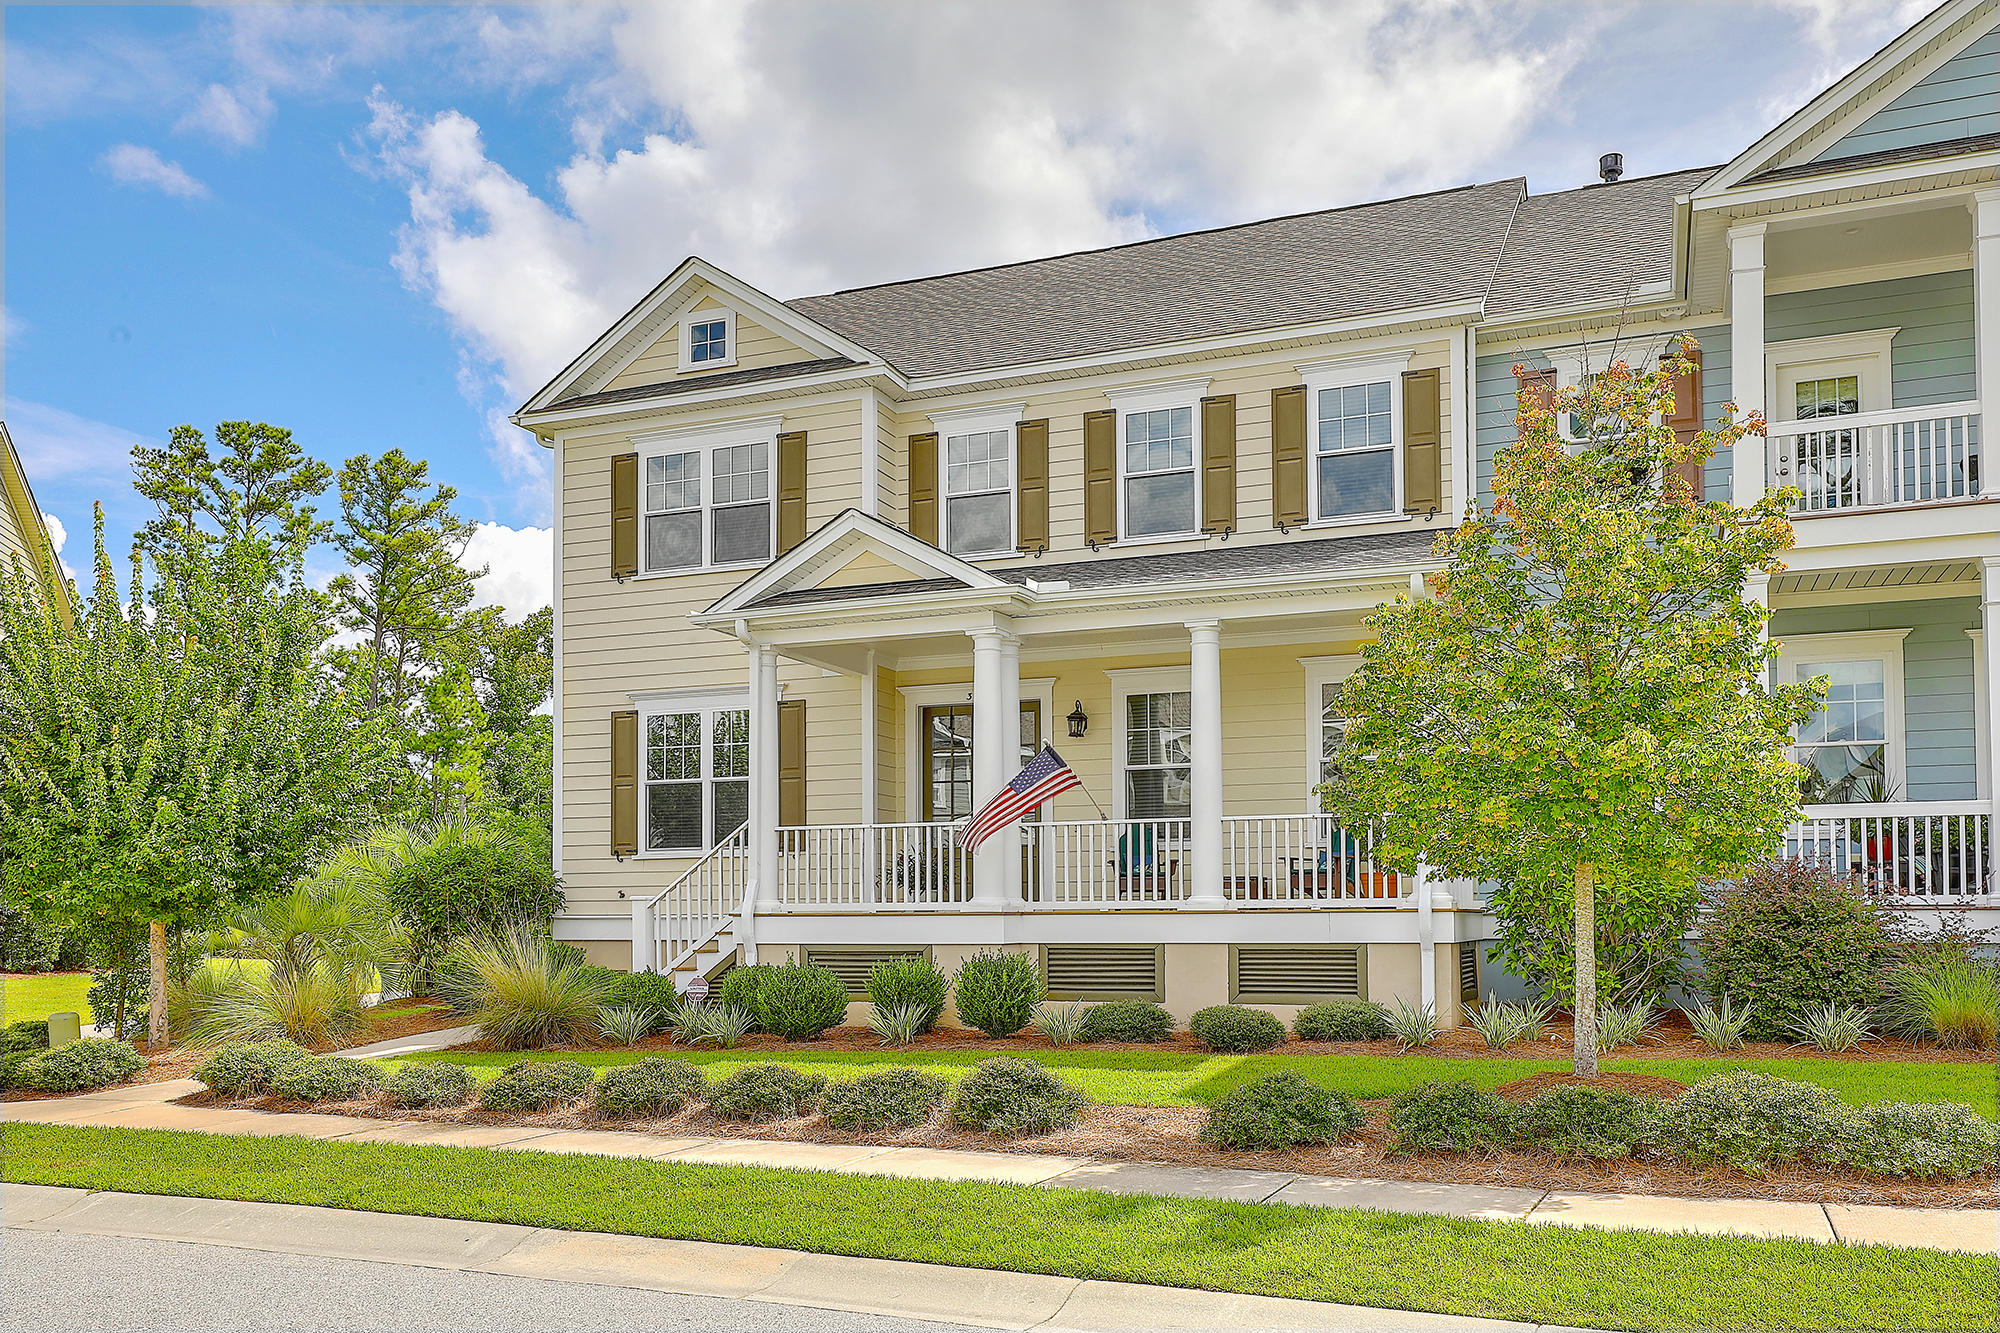 Dunes West Homes For Sale - 3171 Sturbridge, Mount Pleasant, SC - 5